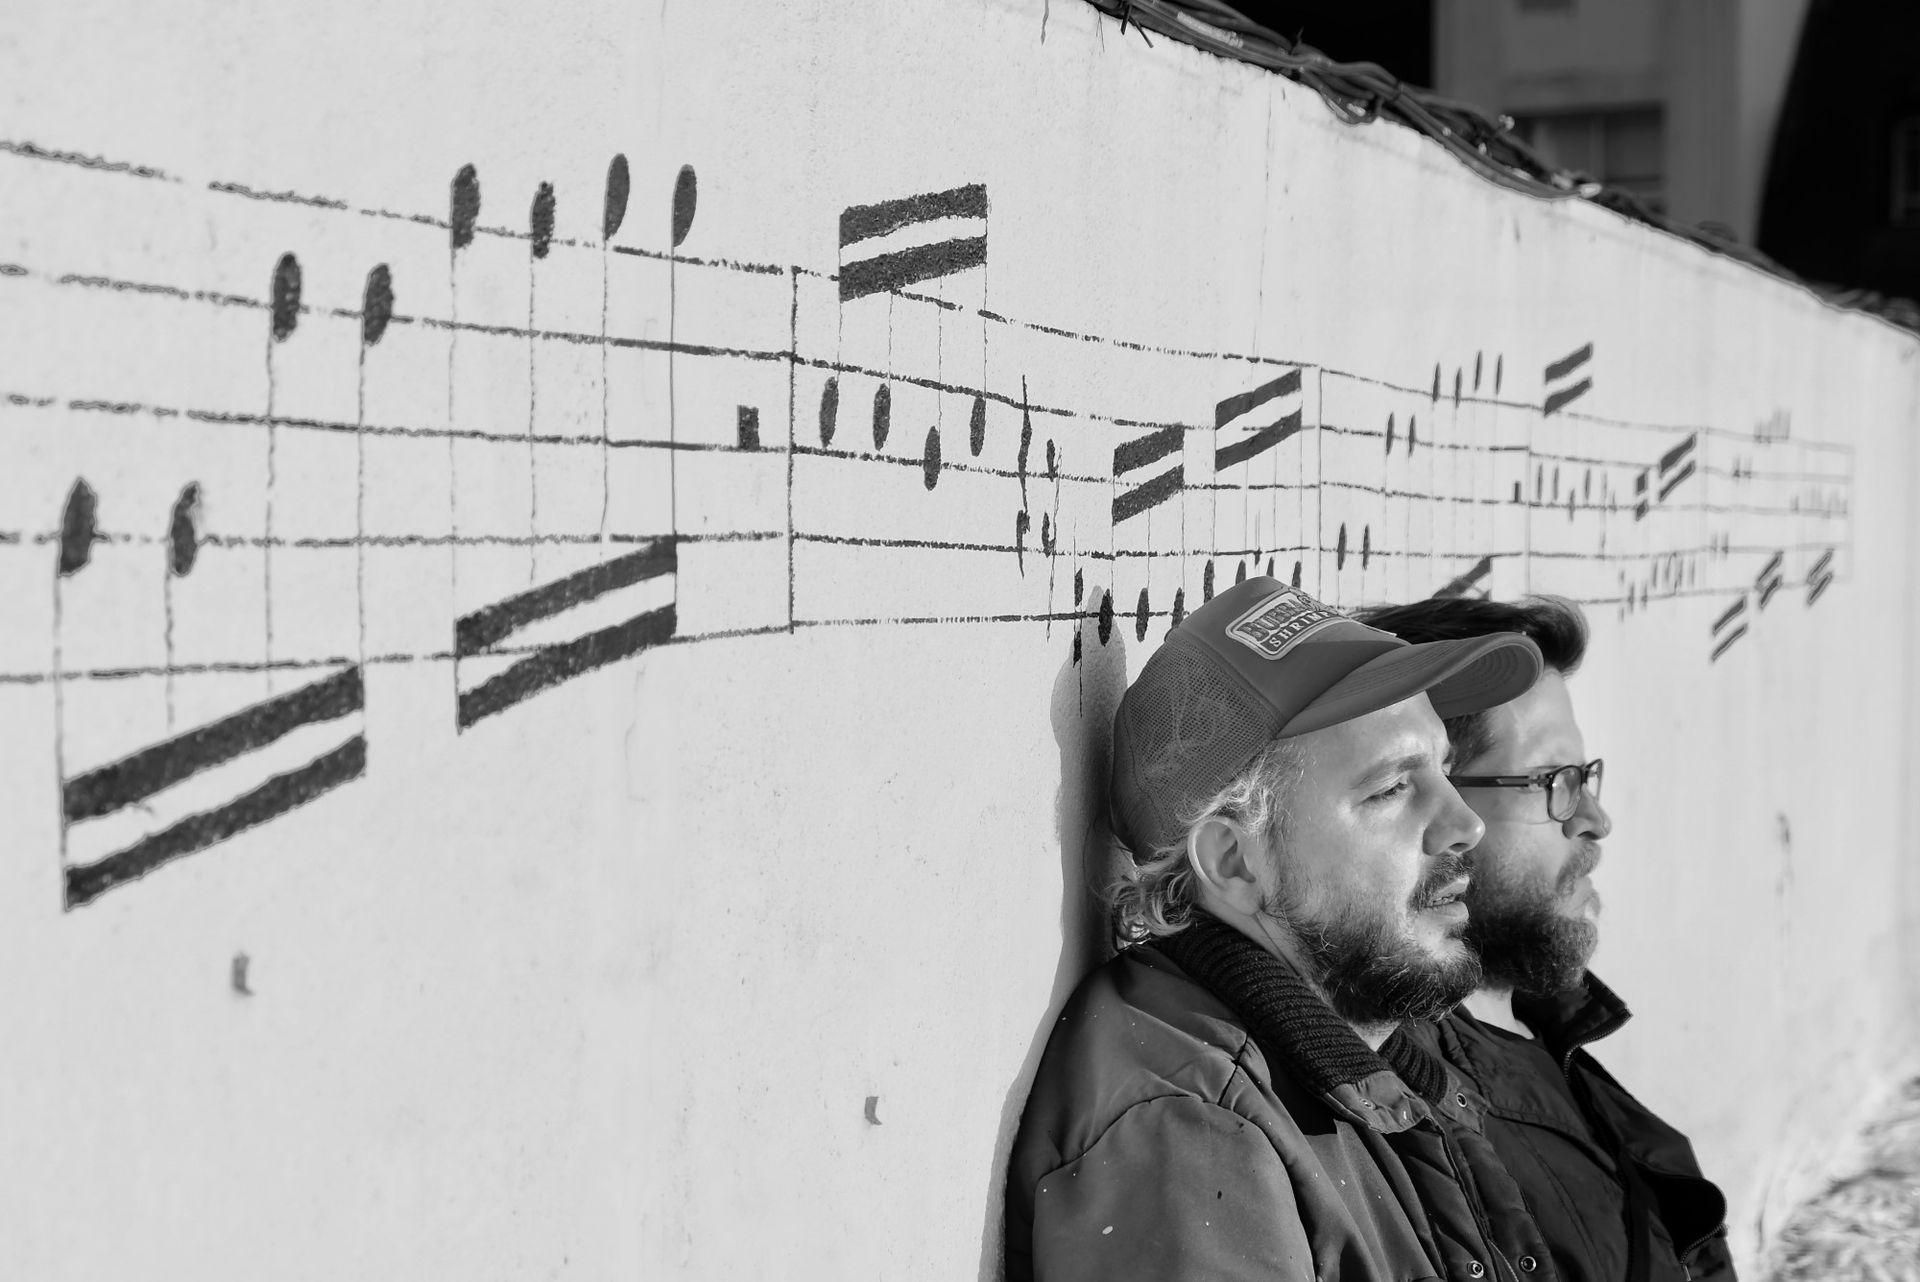 @perfilocortante y @tianfirpo en la realización del mural en la azotea de Charly García